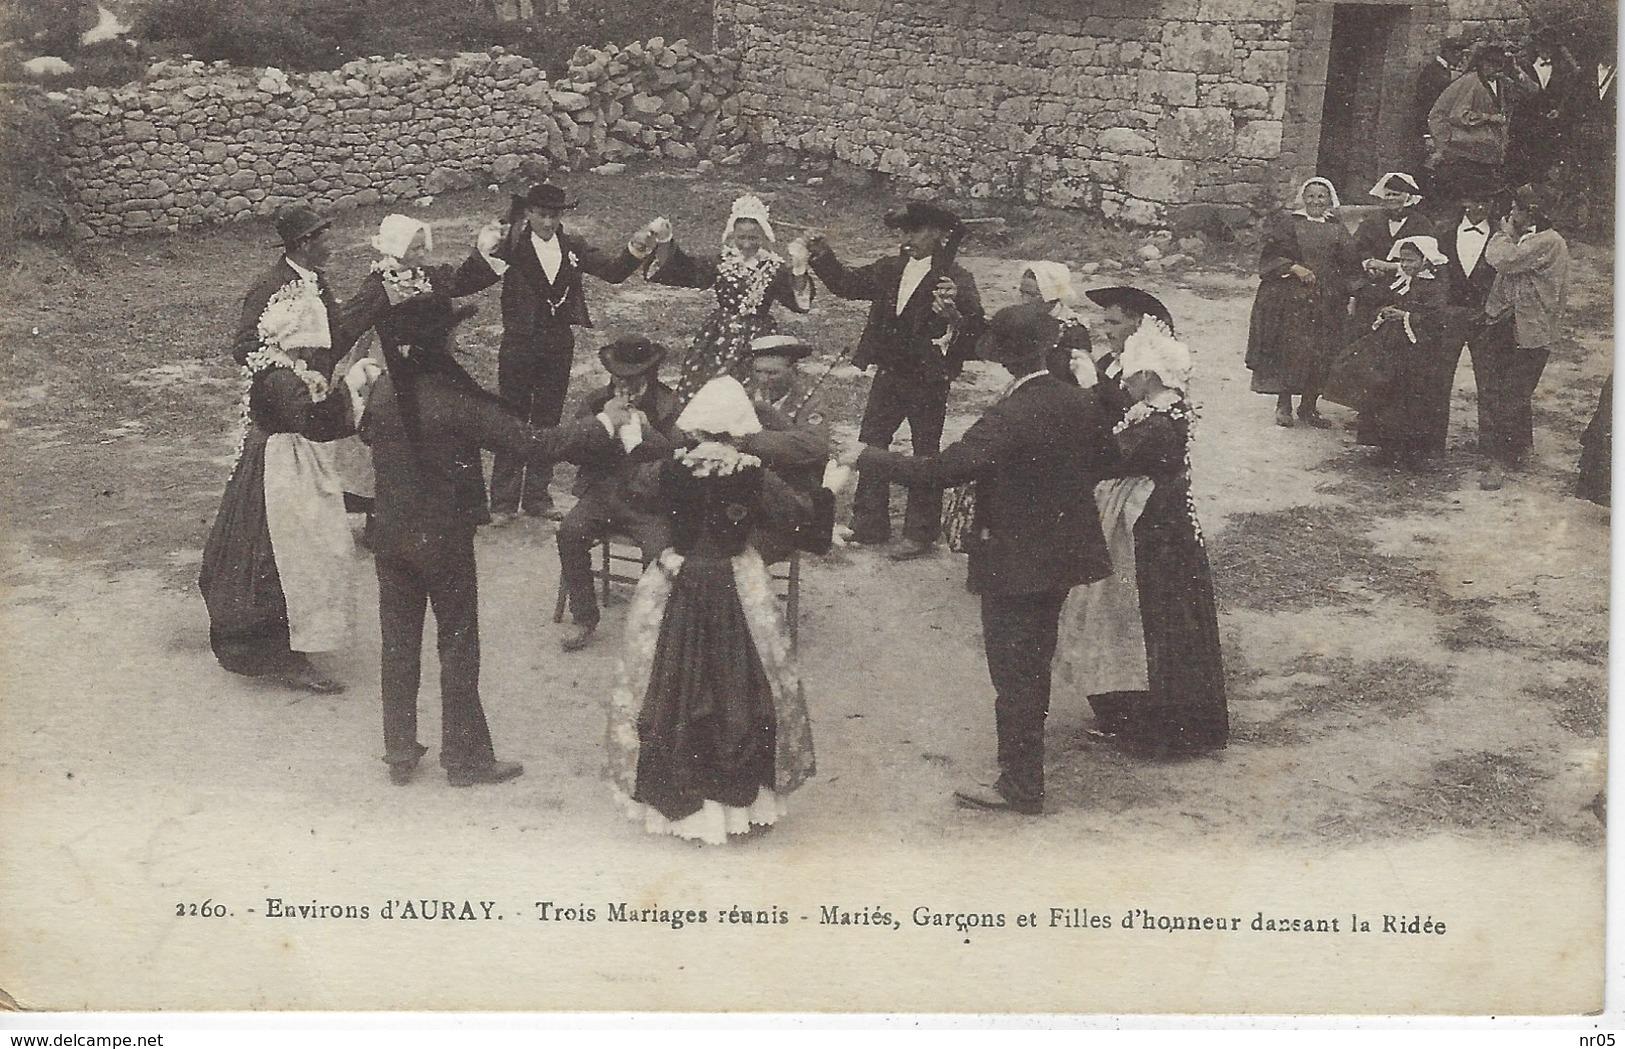 56 ( Morbihan ) - Environs D'AURAY - Trois Mariages Reunis - Maries, Garcons Et Filles D'honneur Dansant La Ridee - Auray